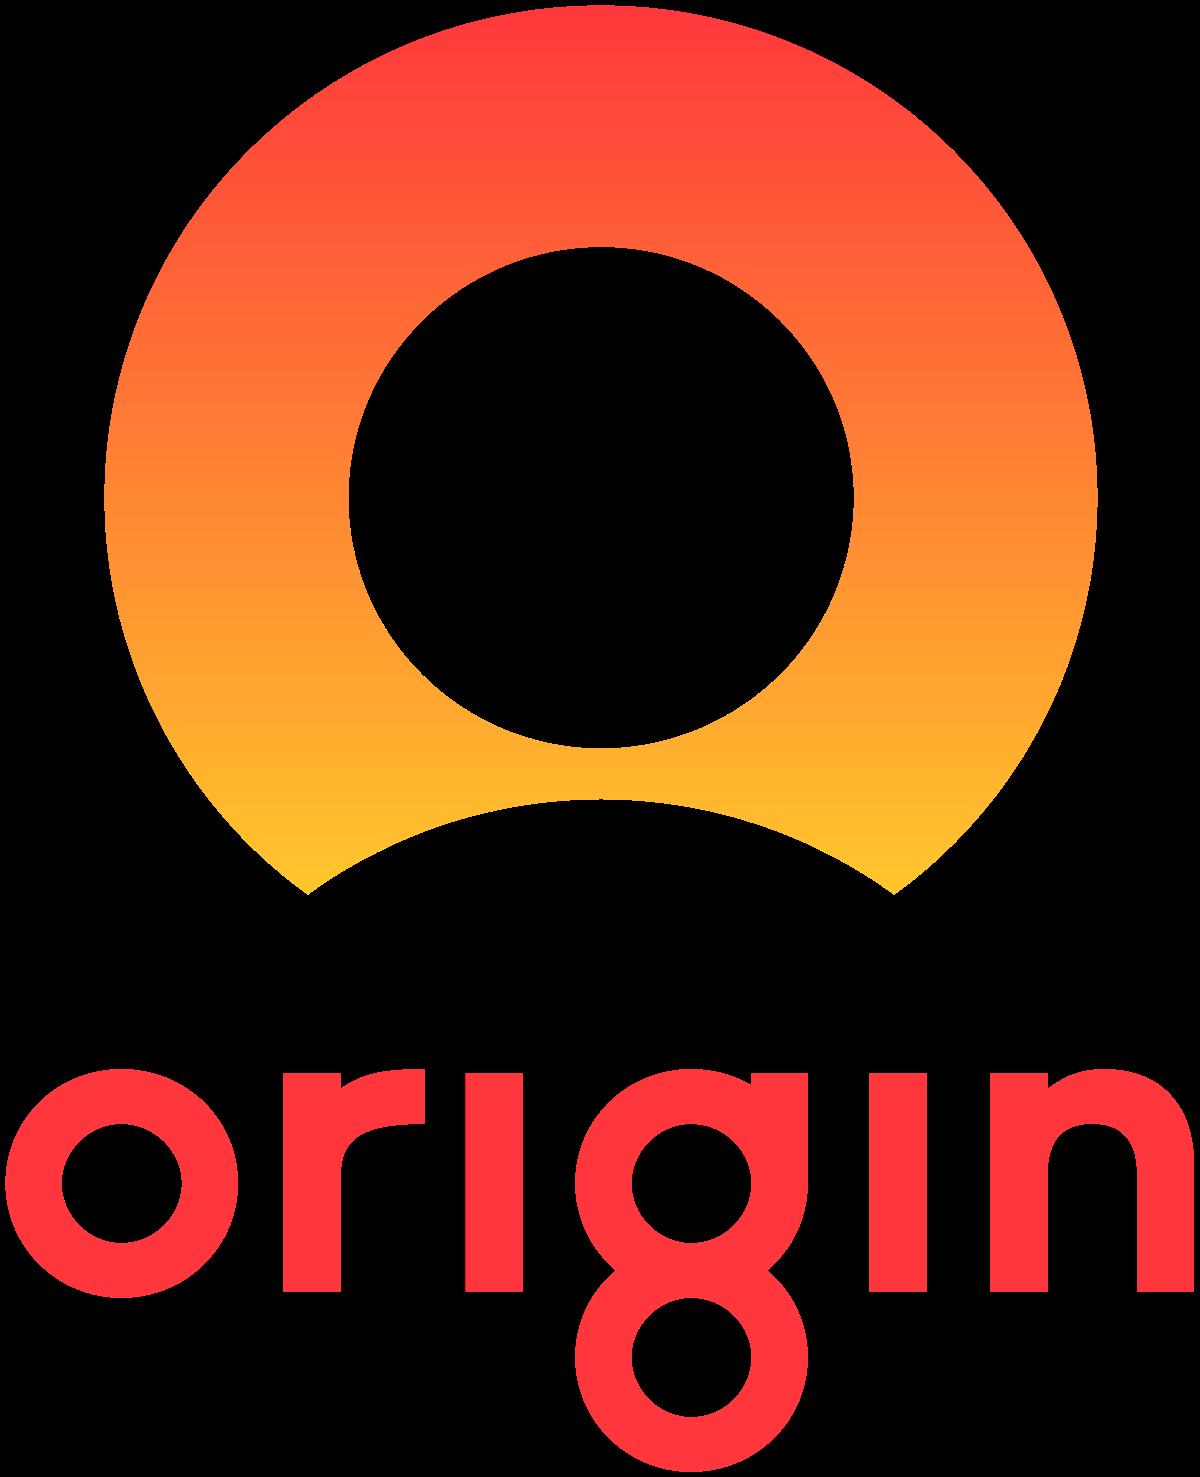 Origin Energy (ASX:ORG) Company Logo